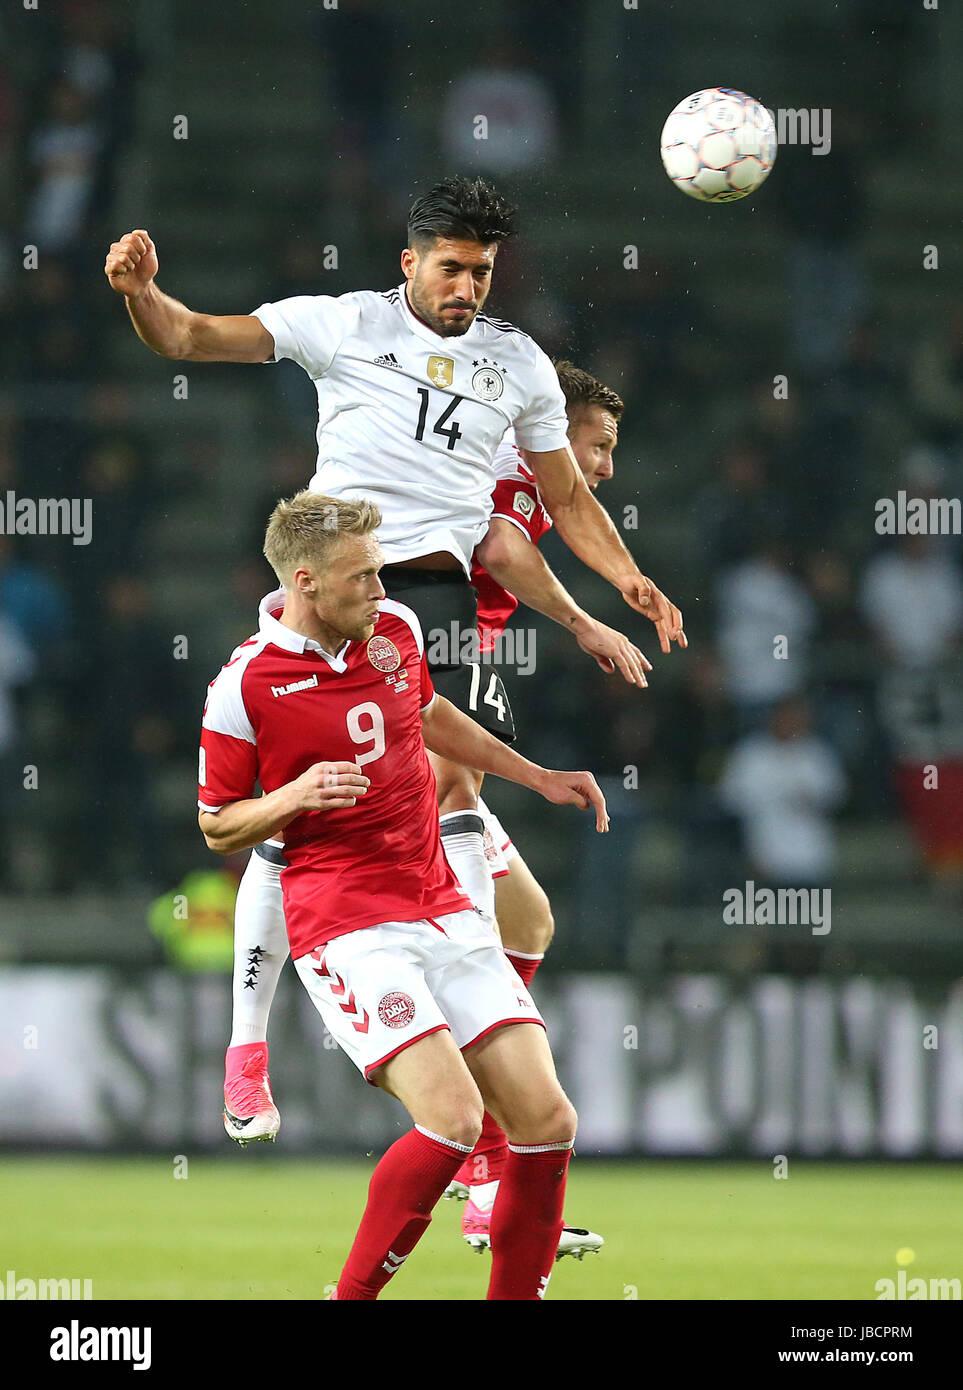 06.06.2017, Fussball Länderspiel, Dänemark - Deutschland, in Brondby Stadion Kopenhagen, v.l. Nicolai Jörgensen Stock Photo